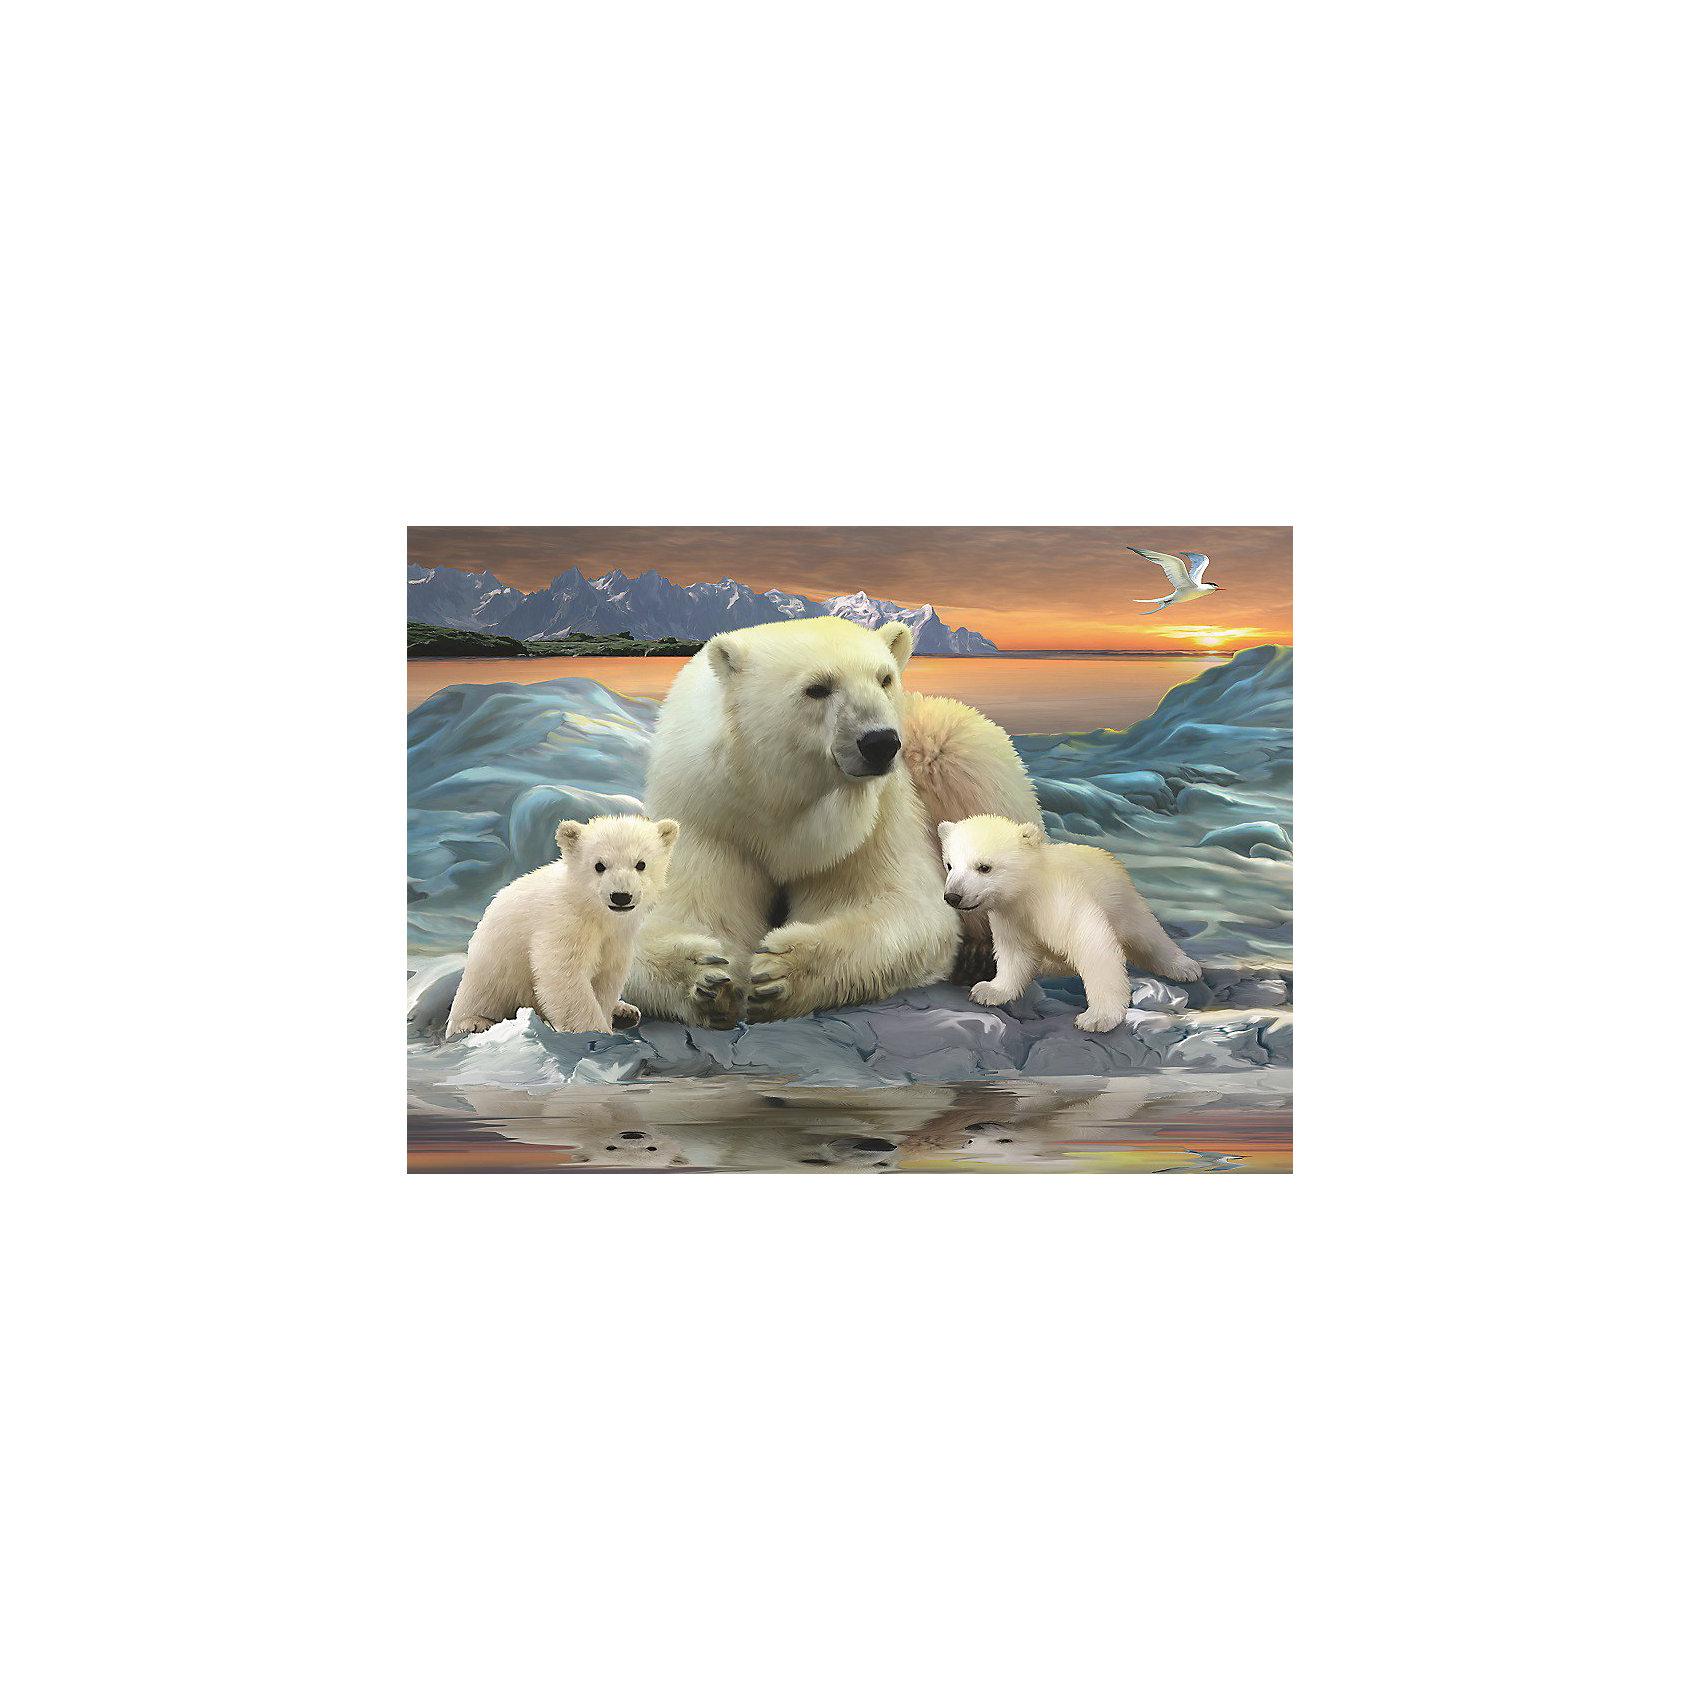 Пазл «Полярные медведи» XXL 200 деталей, RavensburgerПазл «Полярные медведи» XXL 200 деталей, Ravensburger (Равенсбургер) – это великолепный подарок, как для ребенка, так и для взрослого.<br>Пазл Ravensburger Полярные медведи, без сомнения, придется по душе вашему ребенку. Собрав этот пазл, он получит великолепную картину с изображением белых медведей. Собирая картинку, ребенок развивает логическое мышление, воображение, мелкую моторику и умение принимать самостоятельные решения. Пазлы Ravensburger неповторимы и уникальны тем, что для их изготовления используется картон наивысшего класса, благодаря которому сложенные головоломки не сгибаются, сам картон не отделяется от картинки, а сложенная картинка представляется абсолютно плоской и не деформируется даже спустя время. Прочные детали не ломаются. Каждая деталь имеет свою форму и подходит только на своё место. Матовая поверхность исключает неприятные отблески. Изготовлено из экологического сырья.<br><br>Дополнительная информация:<br><br>- Количество деталей: 200<br>- Размер картинки: 36х49 см.<br>- Материал: прочный картон<br>- Размер коробки: 34 x 4 x 23 см.<br><br>Пазл «Полярные медведи» XXL 200 деталей, Ravensburger (Равенсбургер) можно купить в нашем интернет-магазине.<br><br>Ширина мм: 340<br>Глубина мм: 40<br>Высота мм: 230<br>Вес г: 571<br>Возраст от месяцев: 96<br>Возраст до месяцев: 168<br>Пол: Унисекс<br>Возраст: Детский<br>Количество деталей: 200<br>SKU: 3894981